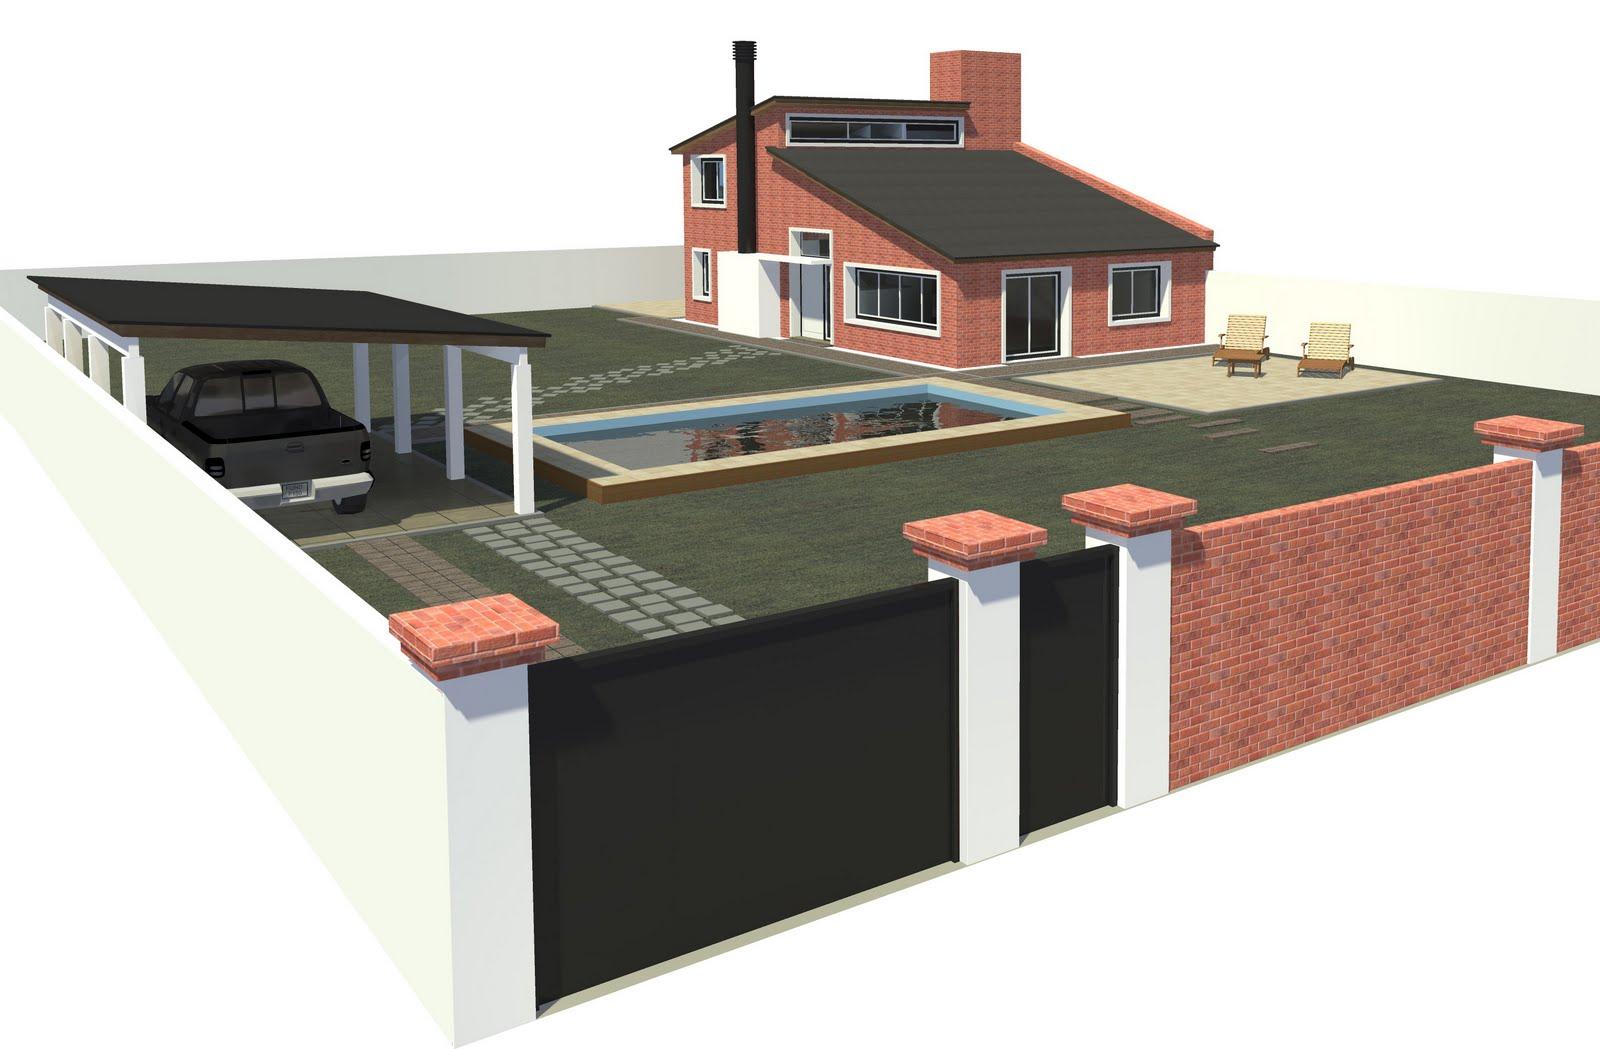 Arquitectura y dise o 2010 casa quinta for Arquitectura y diseno de casas